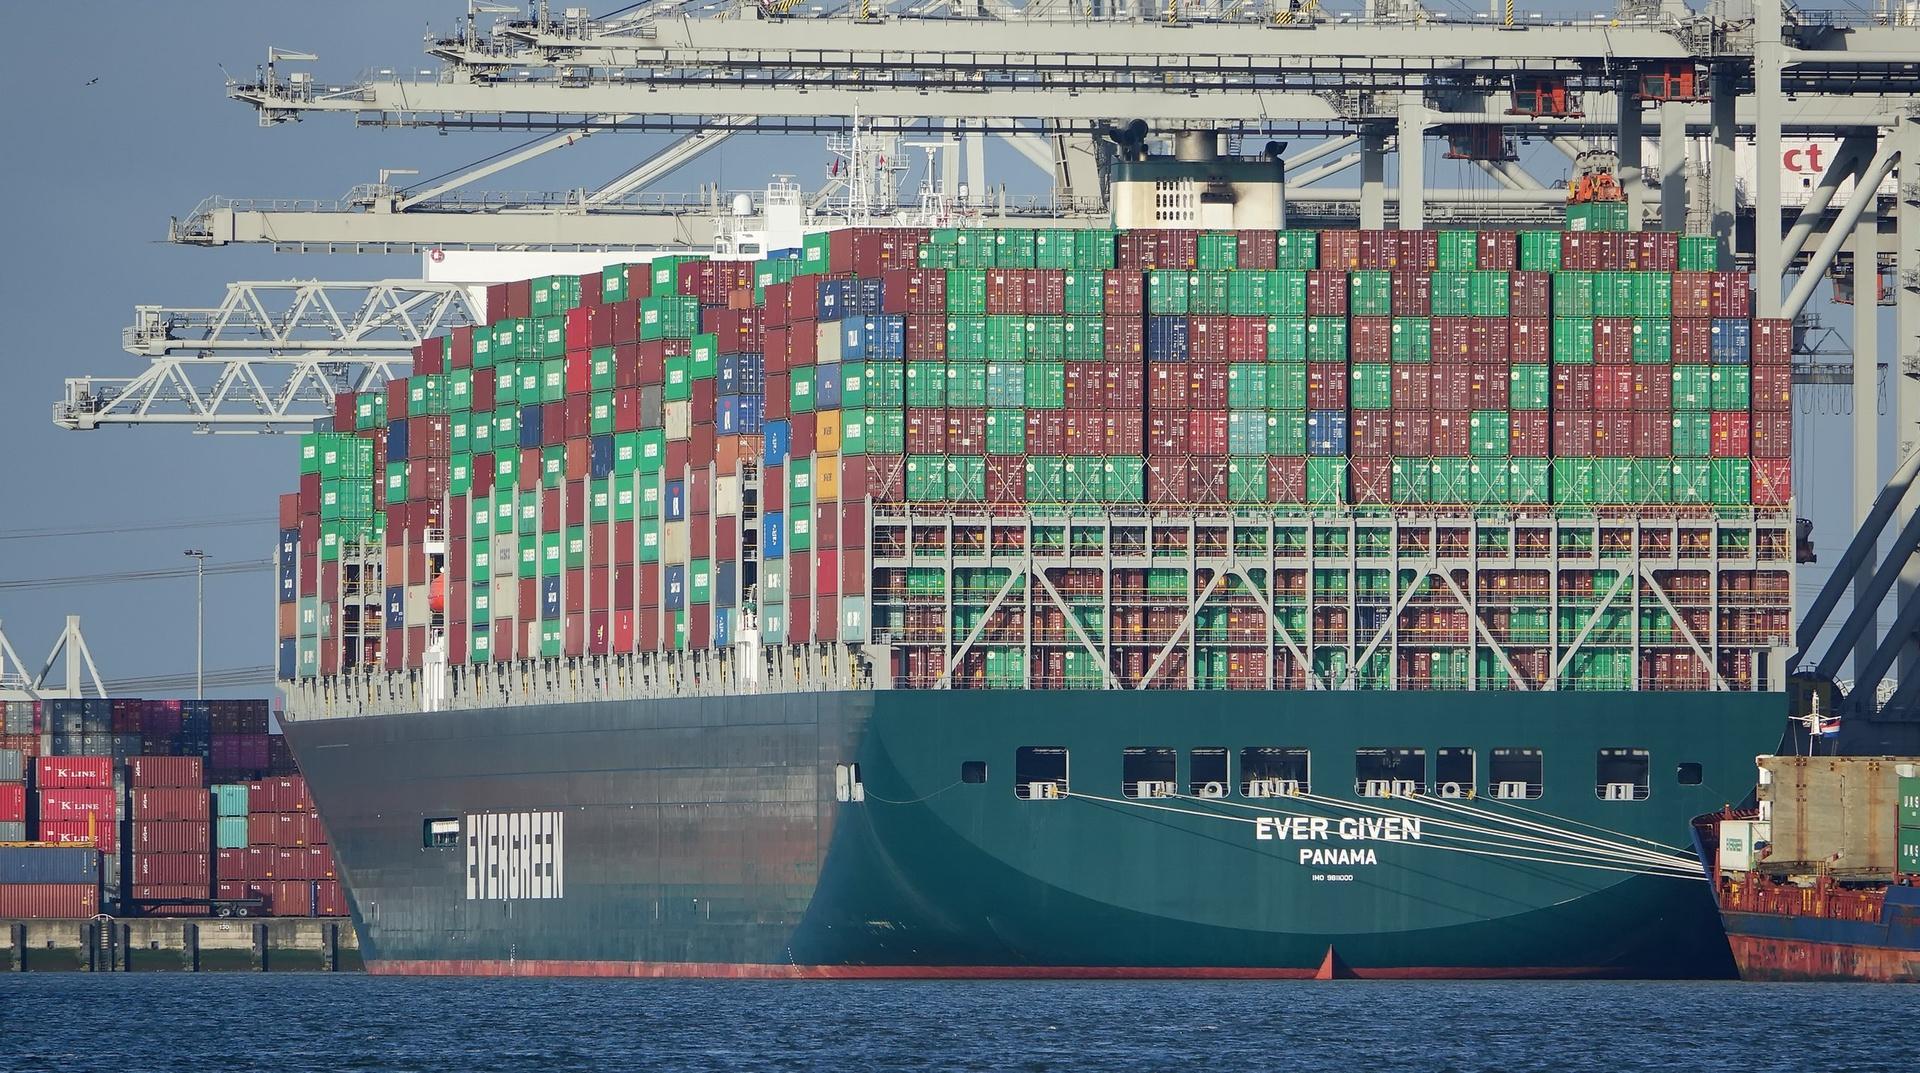 bảo hiểm hàng hóa,bảo hiểm hàng hóa xuất nhập khẩu,bao hiem hang hoa,bảo hiểm hàng hóa vận chuyển bằng đường biển,quy trình mua bảo hiểm hàng hóa xuất nhập khẩu